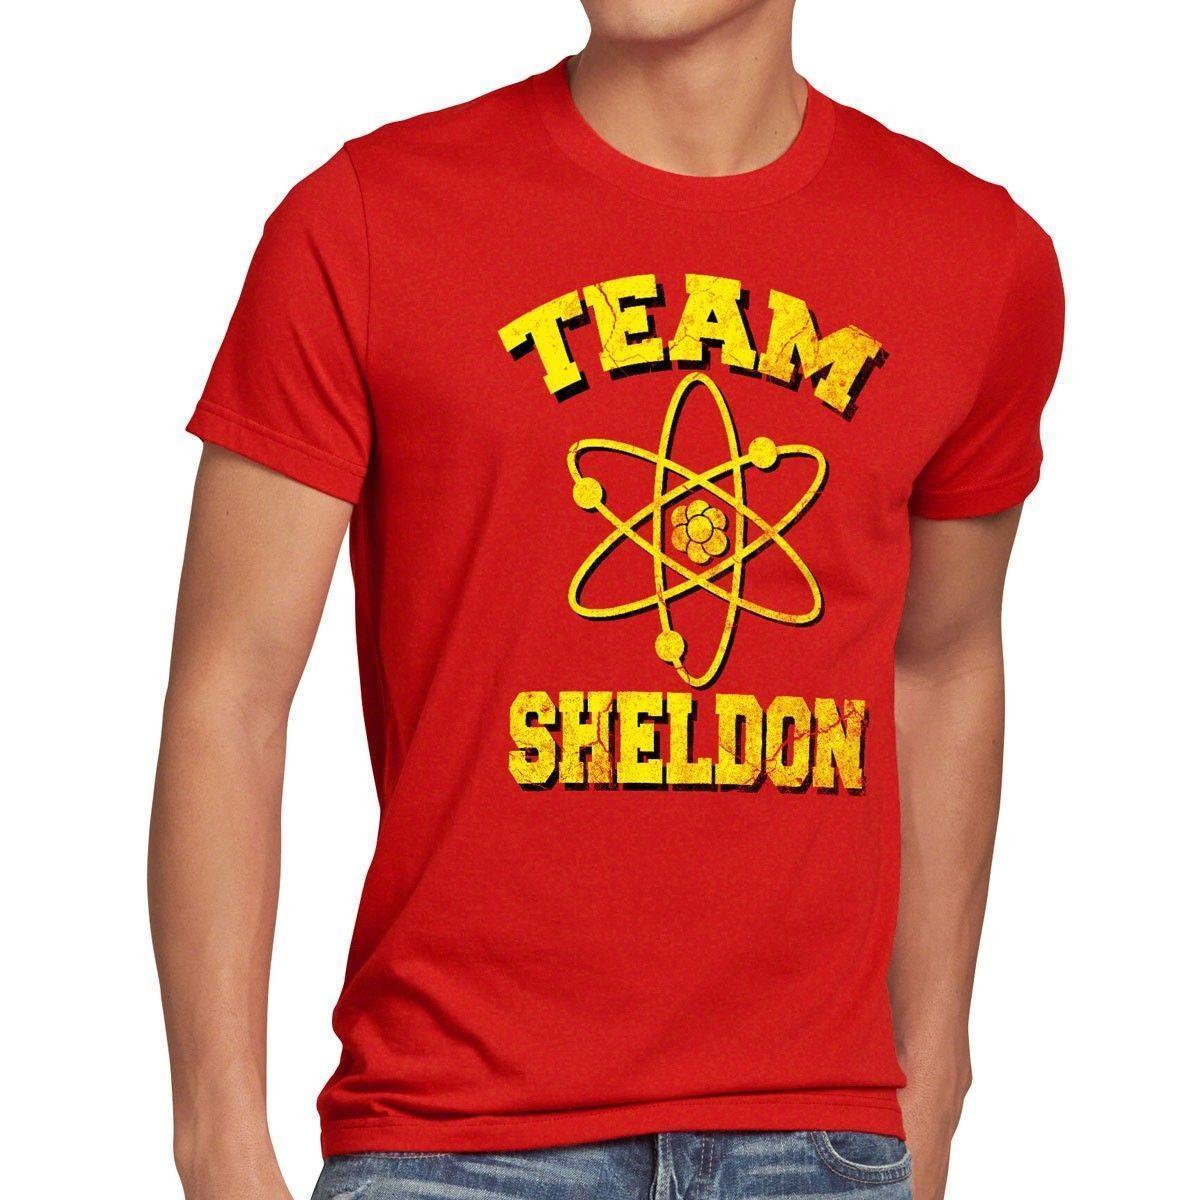 Compre Sheldon Team Herren Camiseta Grande Teoría Átomo Explosión Cooper  Tbbt Universidad Bazinga El A  11.21 Del Amesion44  6fd45df255c